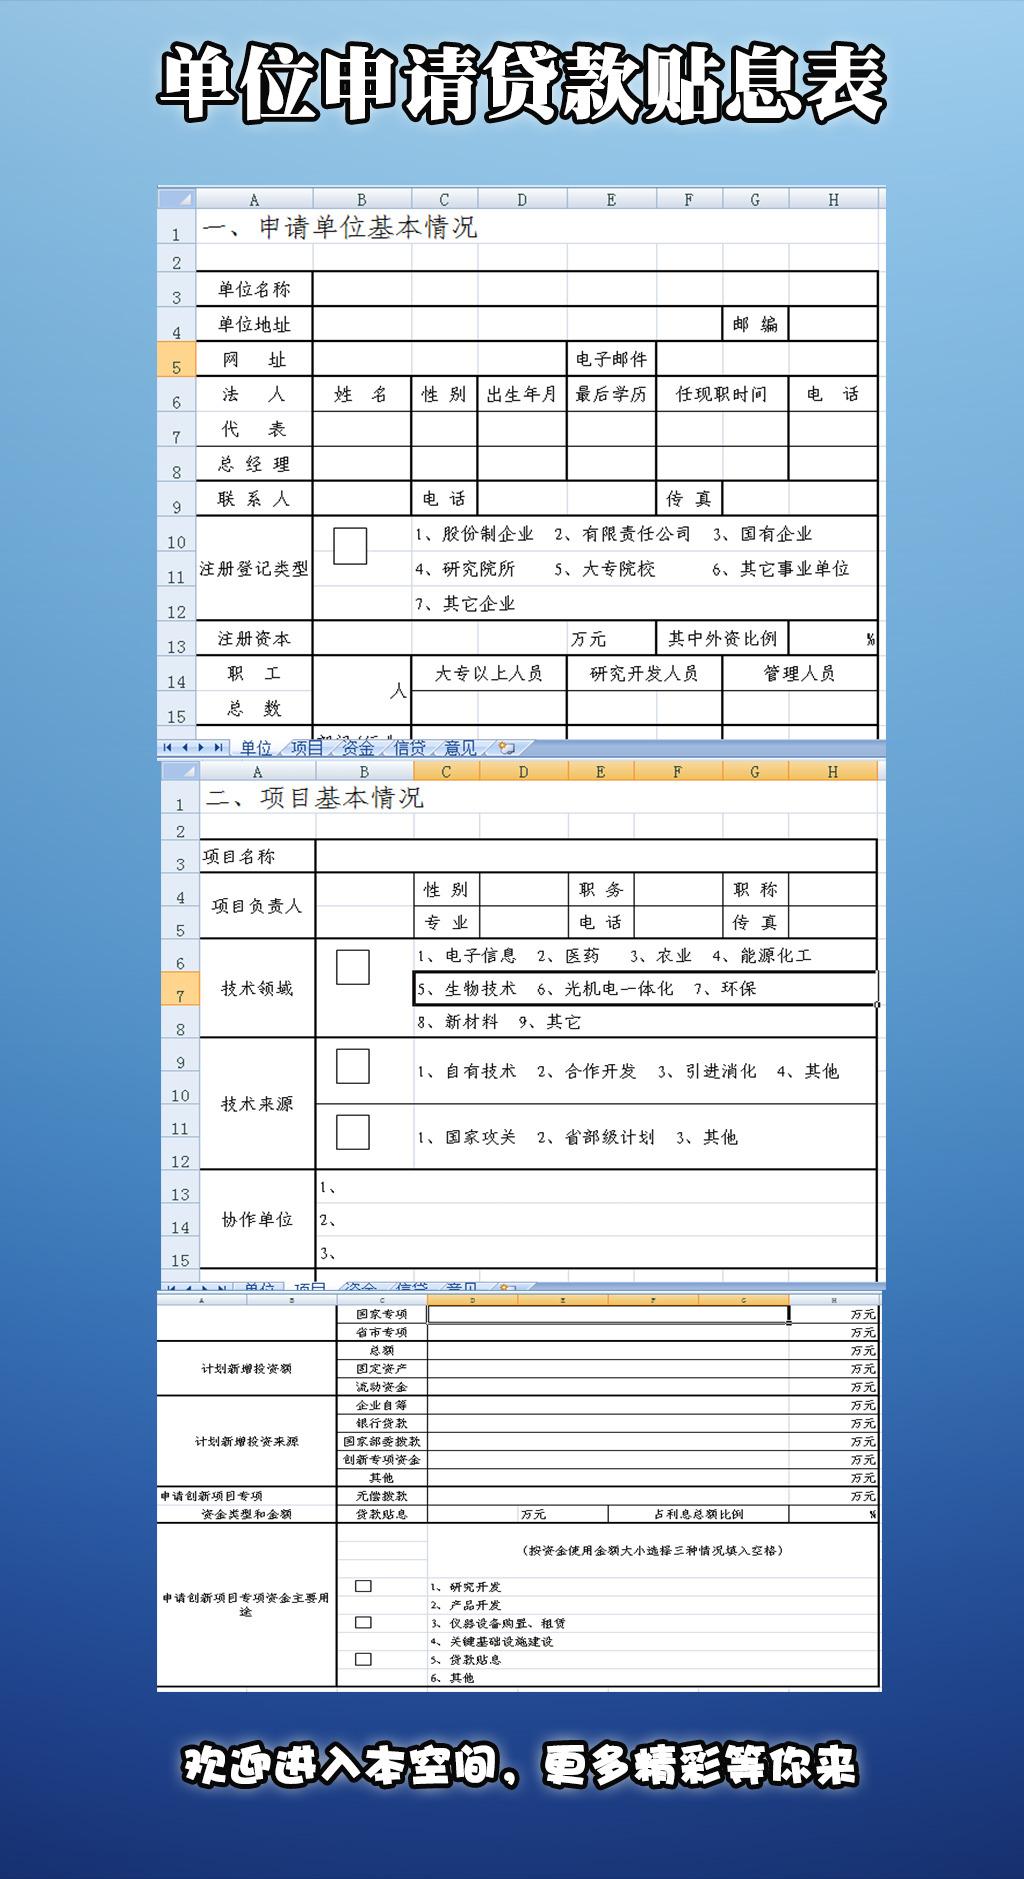 单位申请贷款贴息表模板下载 单位申请贷款贴息表图片下载 单位申请贷